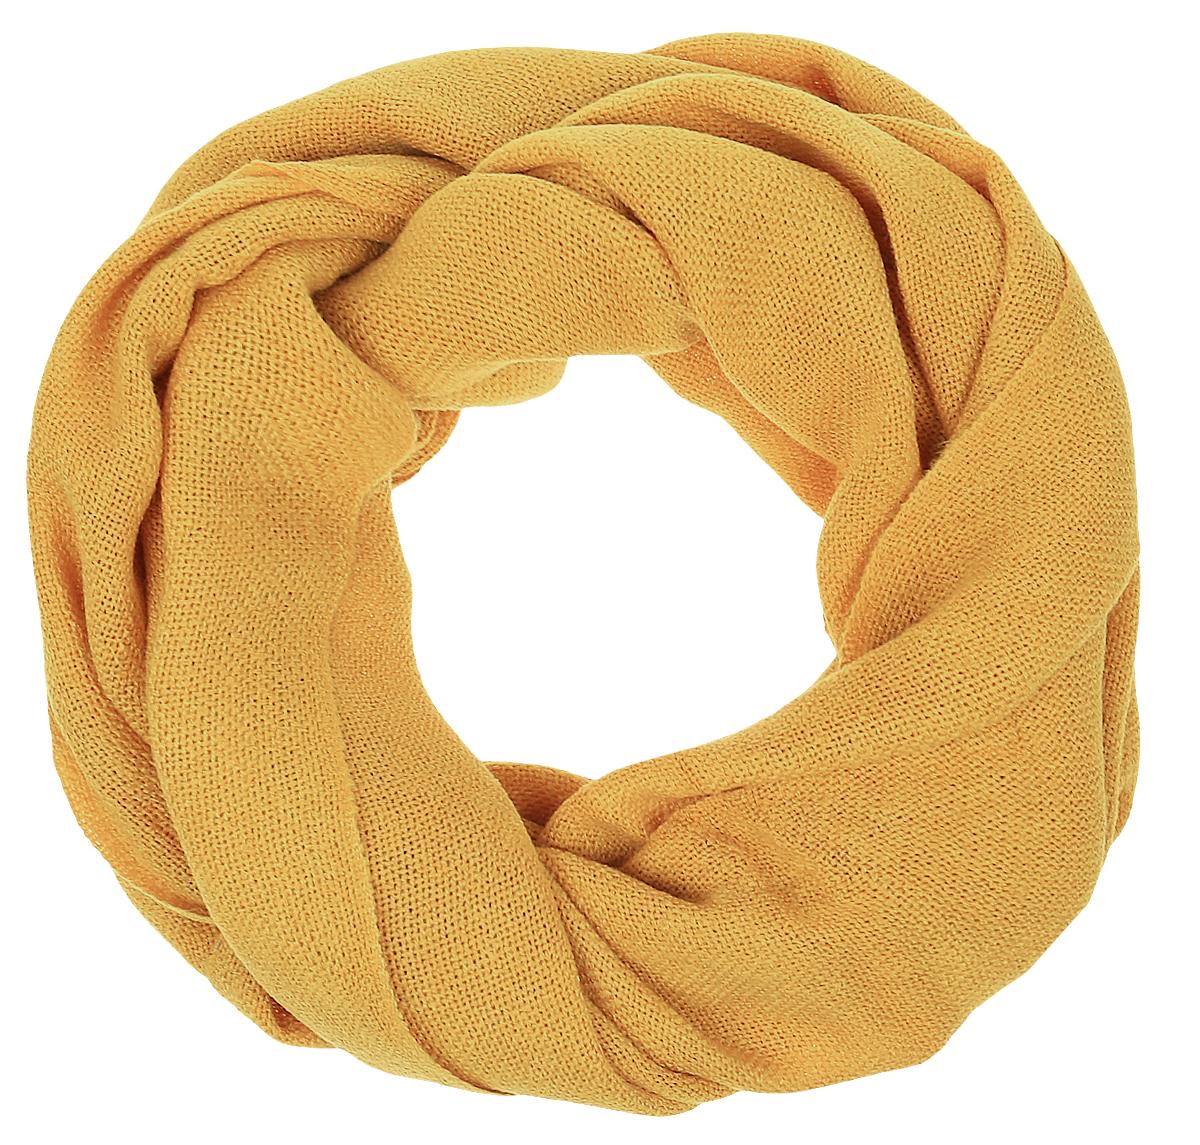 ШарфRodP1608/3RЖенский шарф Vita Pelle выполнен из высококачественной пряжи из вискозы с добавлением шерсти. Широкий шарф украшен бахромой в виде жгутиков по краю.